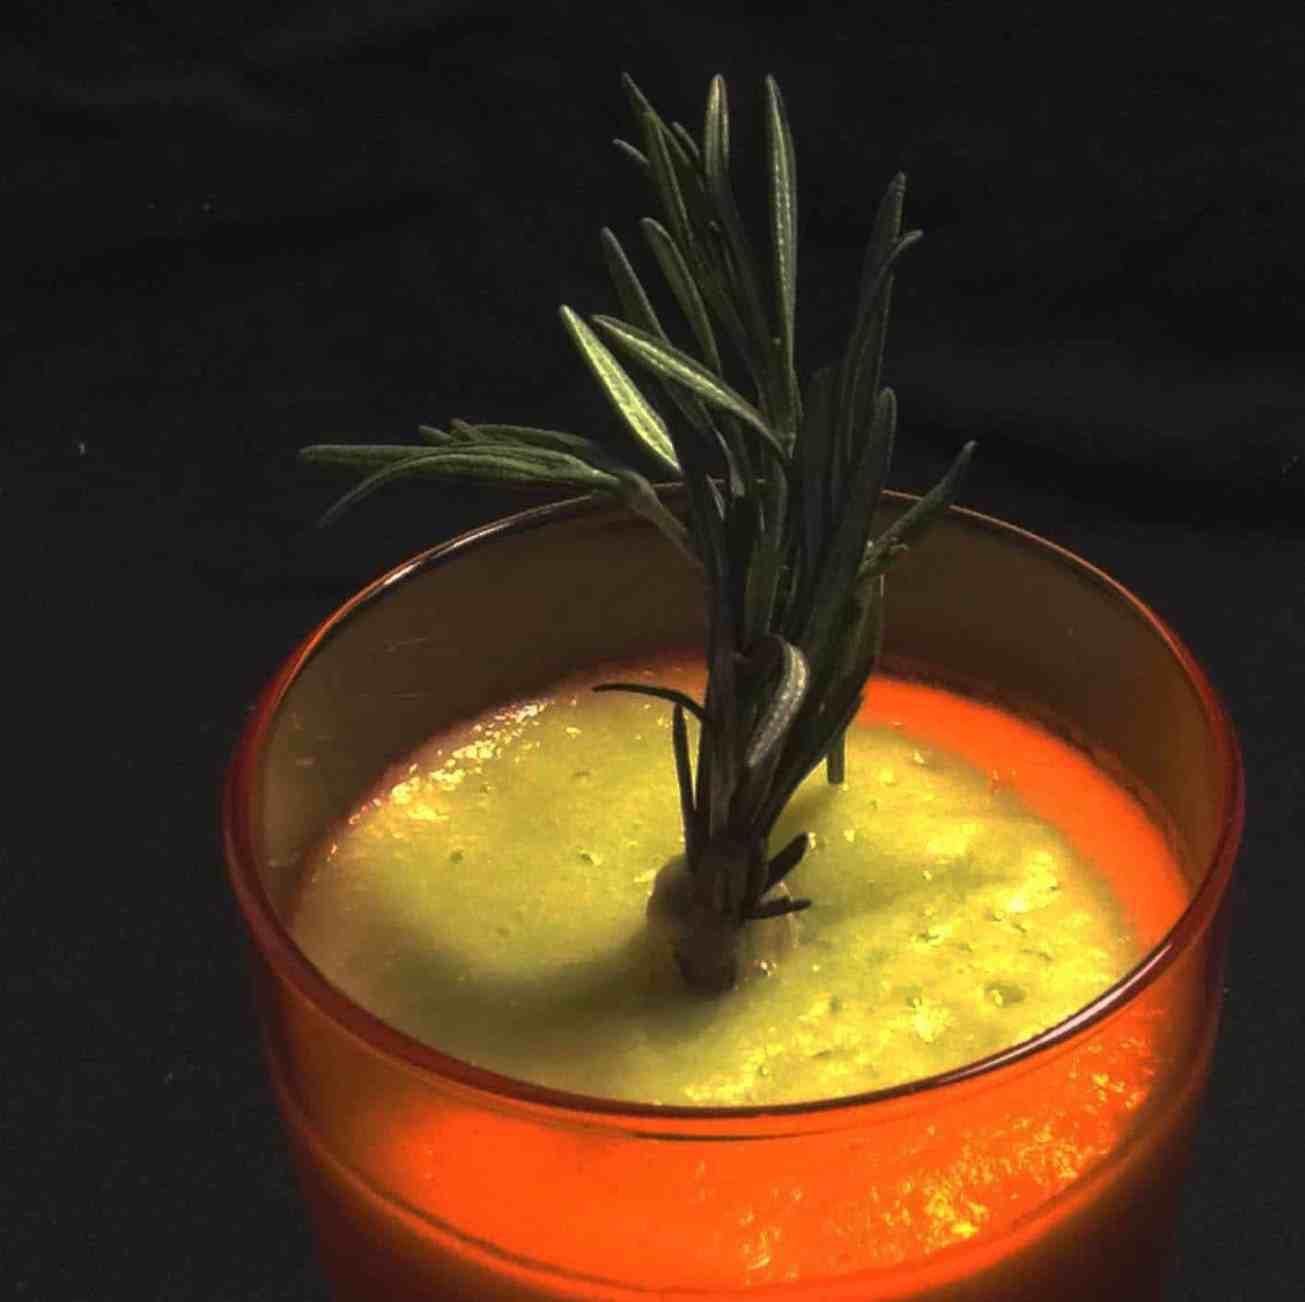 cauliflower-pineapple-and-rosemary-juice